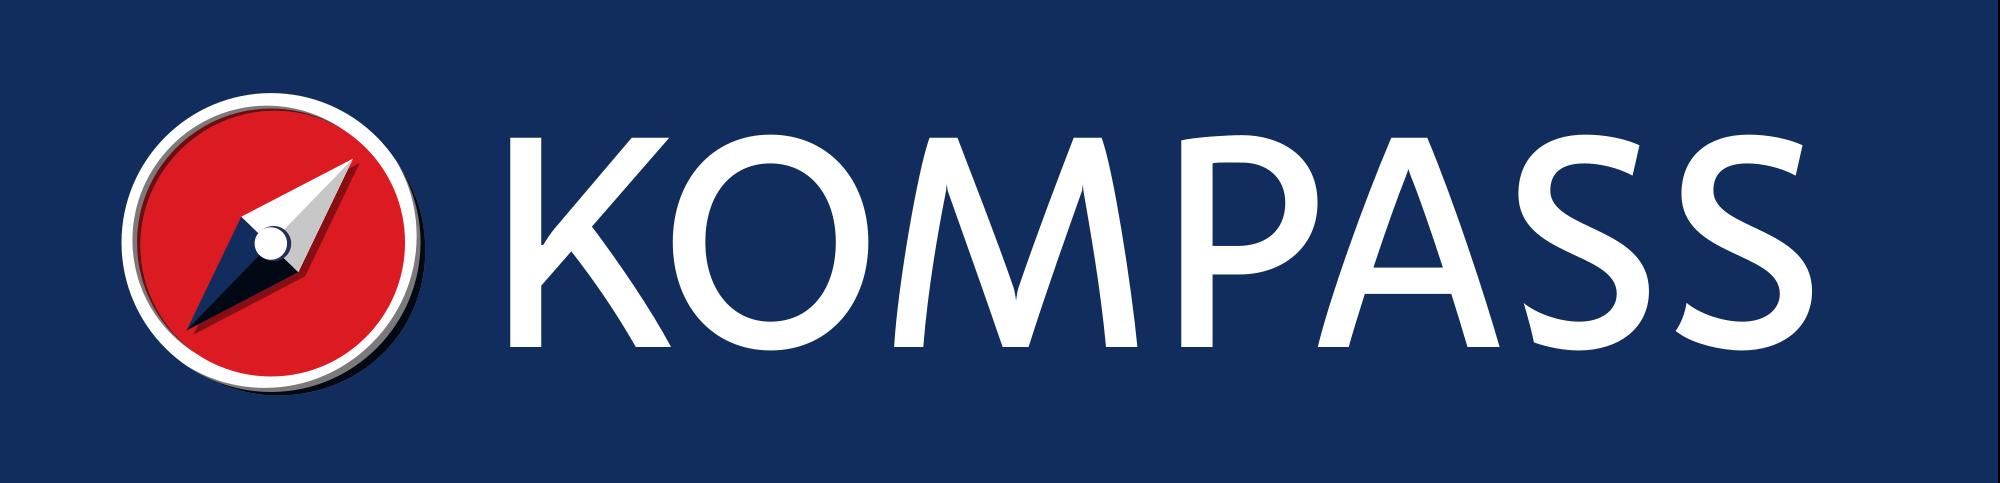 Kompass Karten GmbH